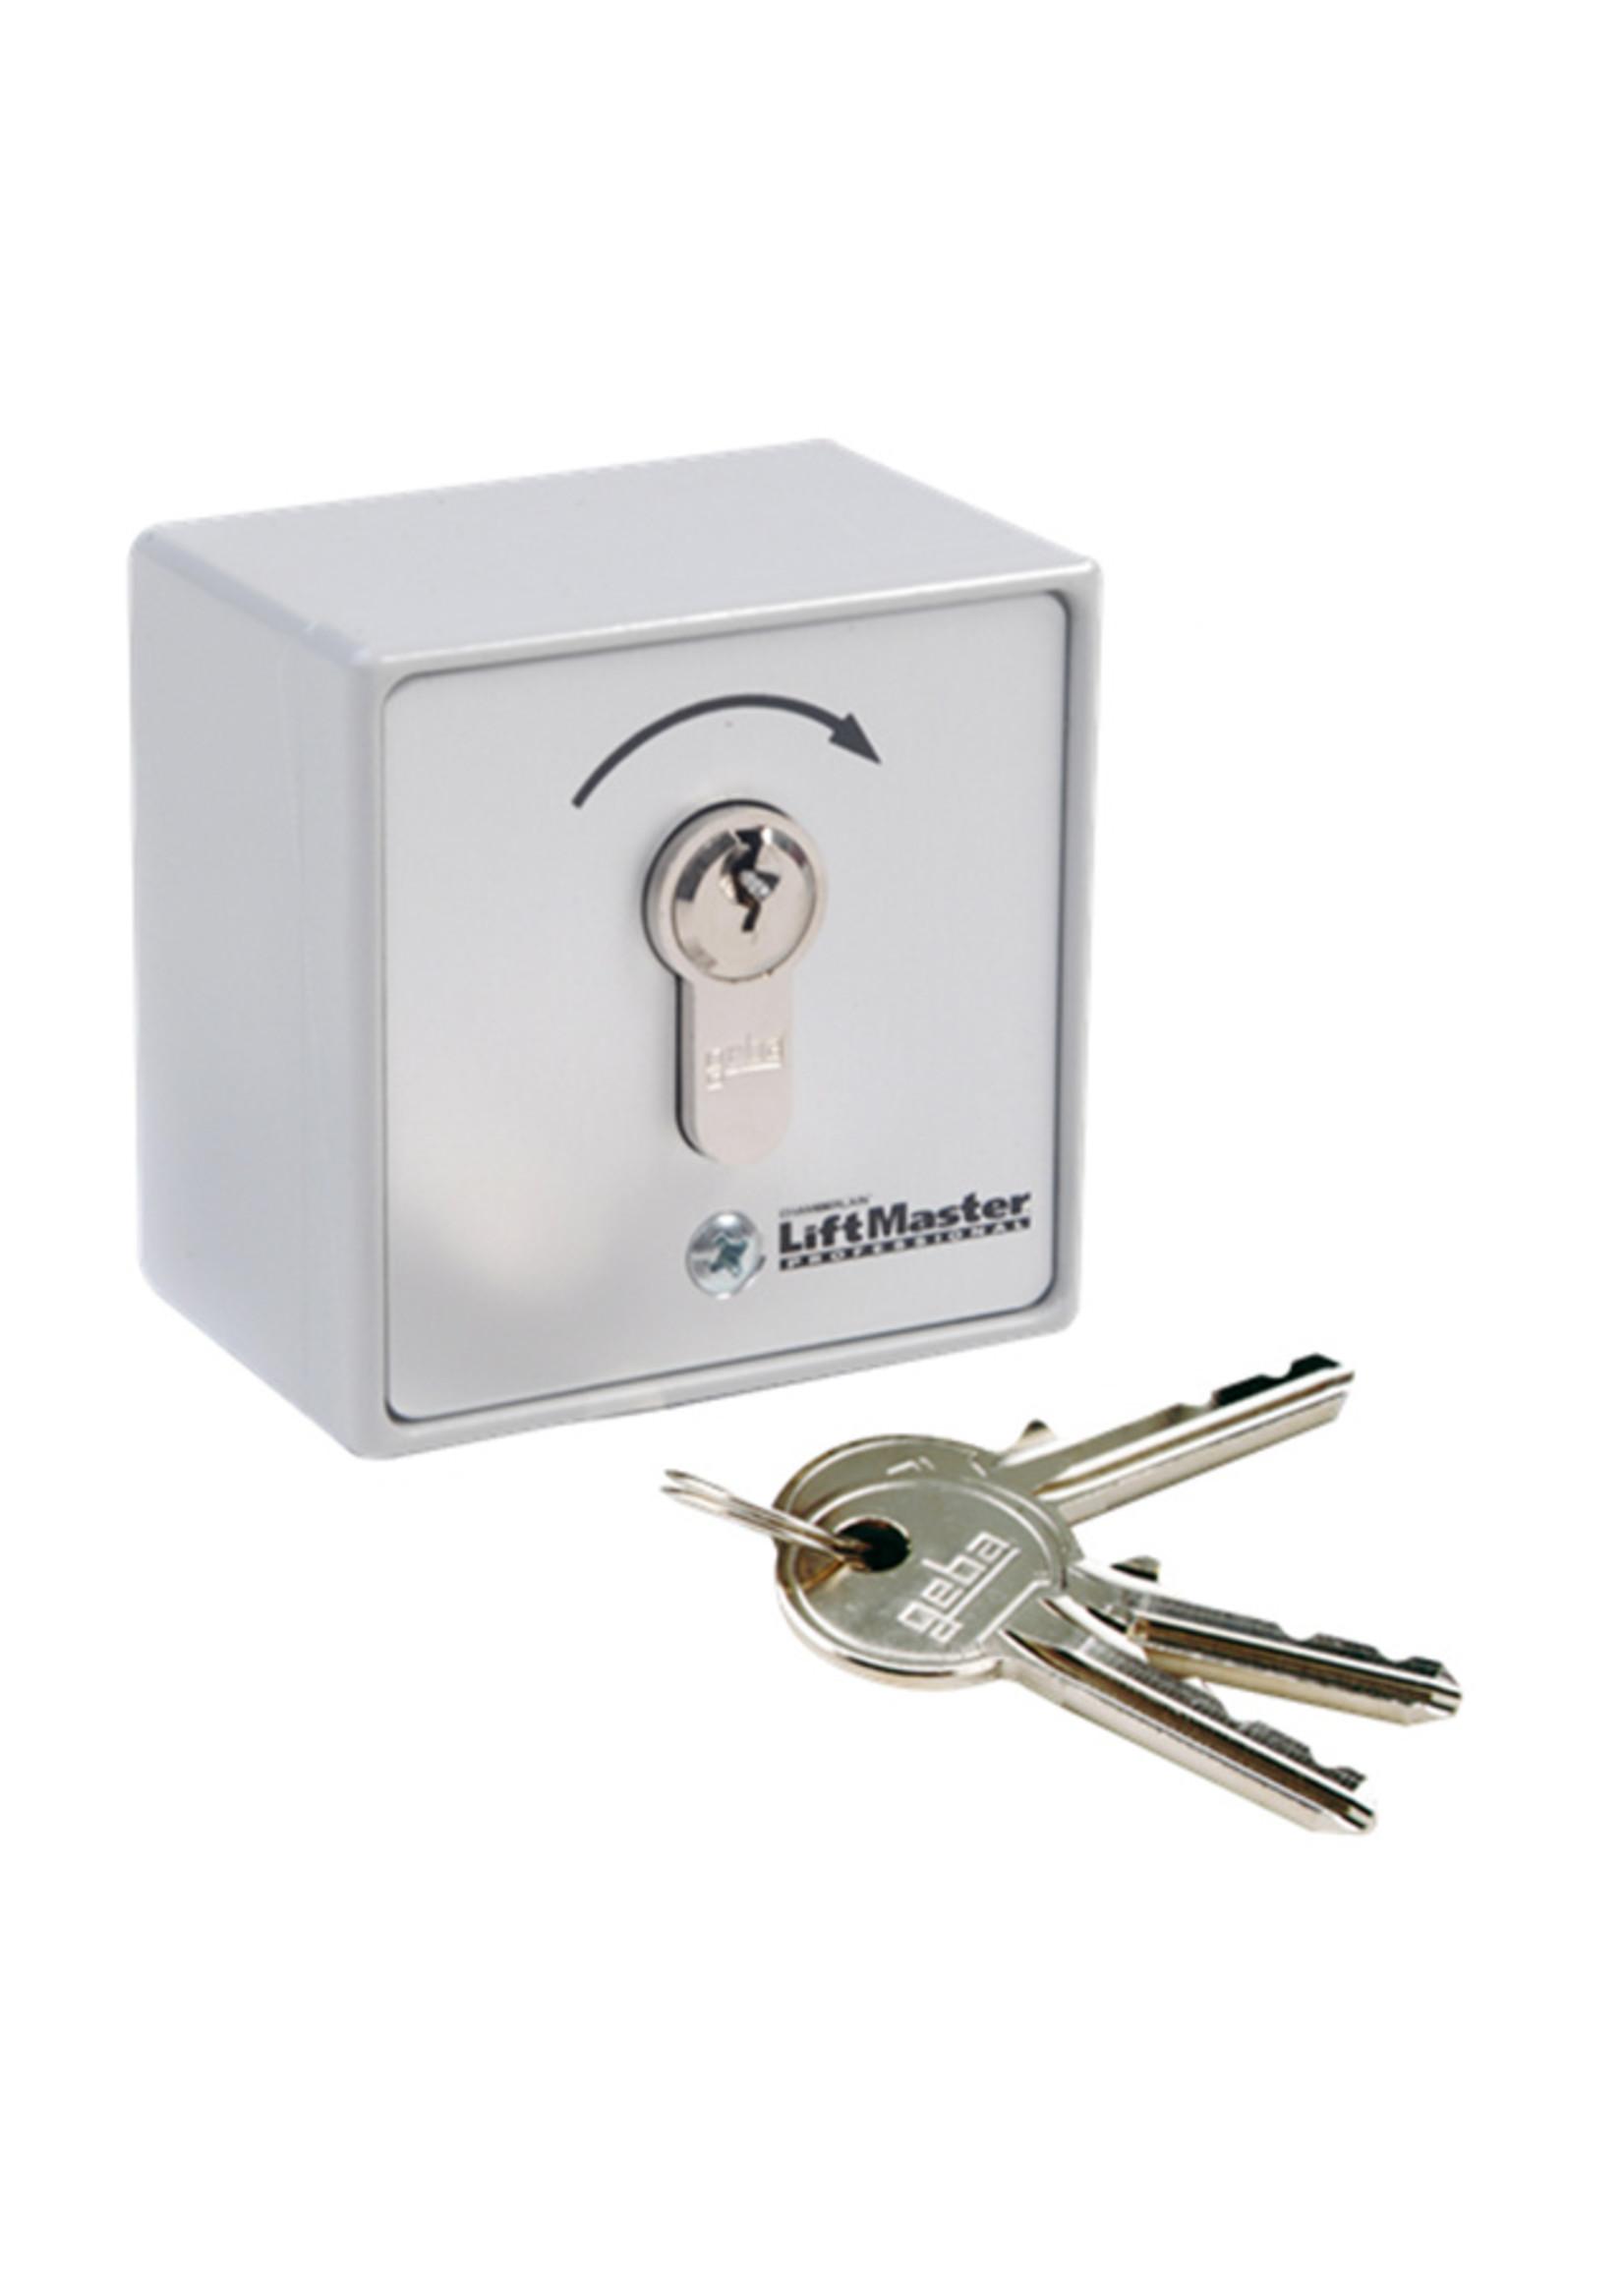 Liftmaster 100027 Contacteur à clé 1 fonction en applique